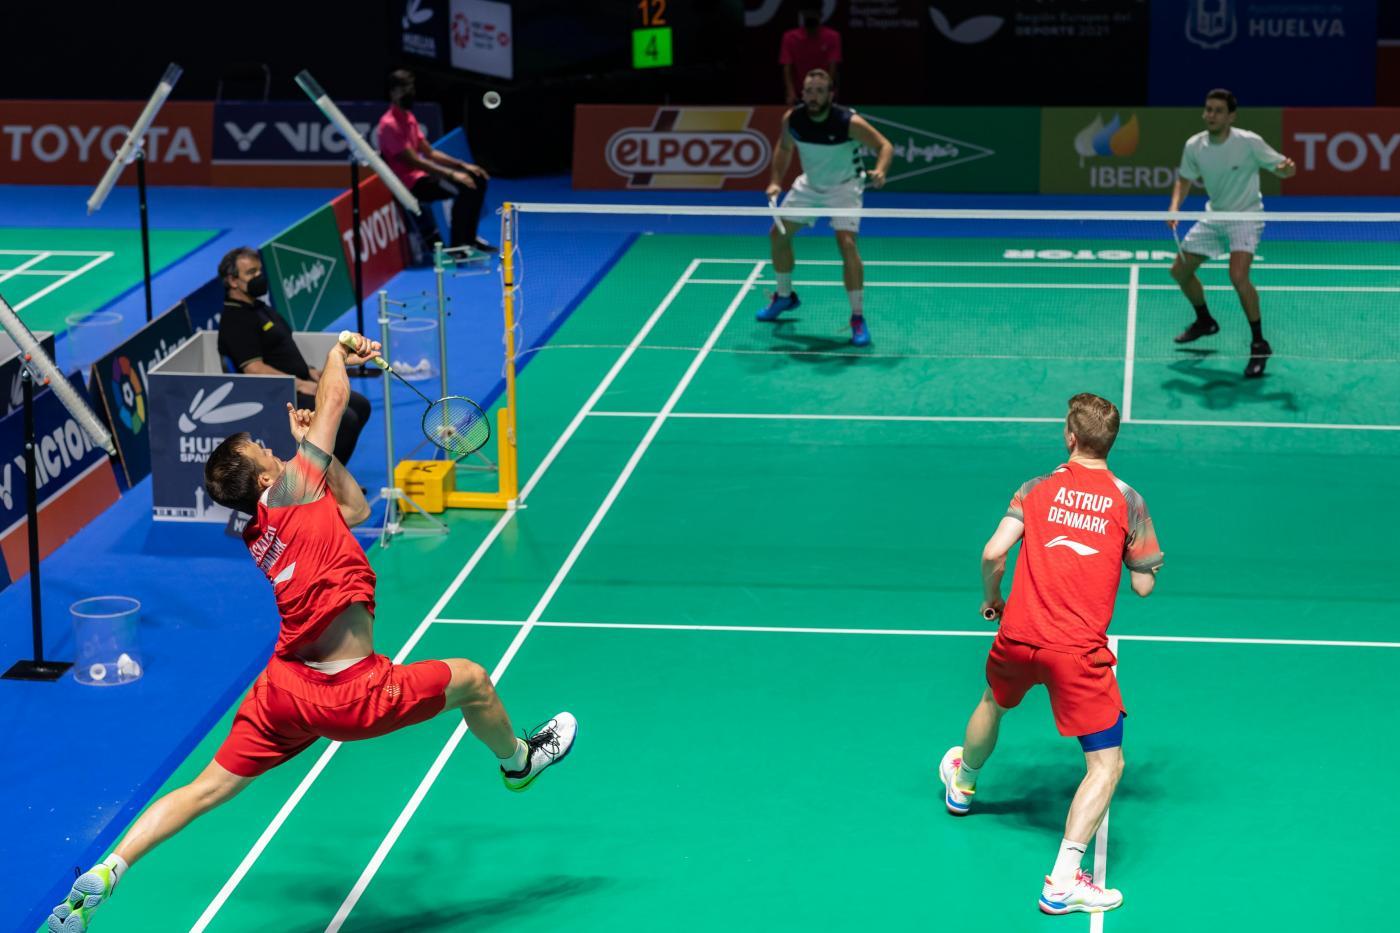 El Masters de España comienza con los favoritos cumpliendo en los dobles